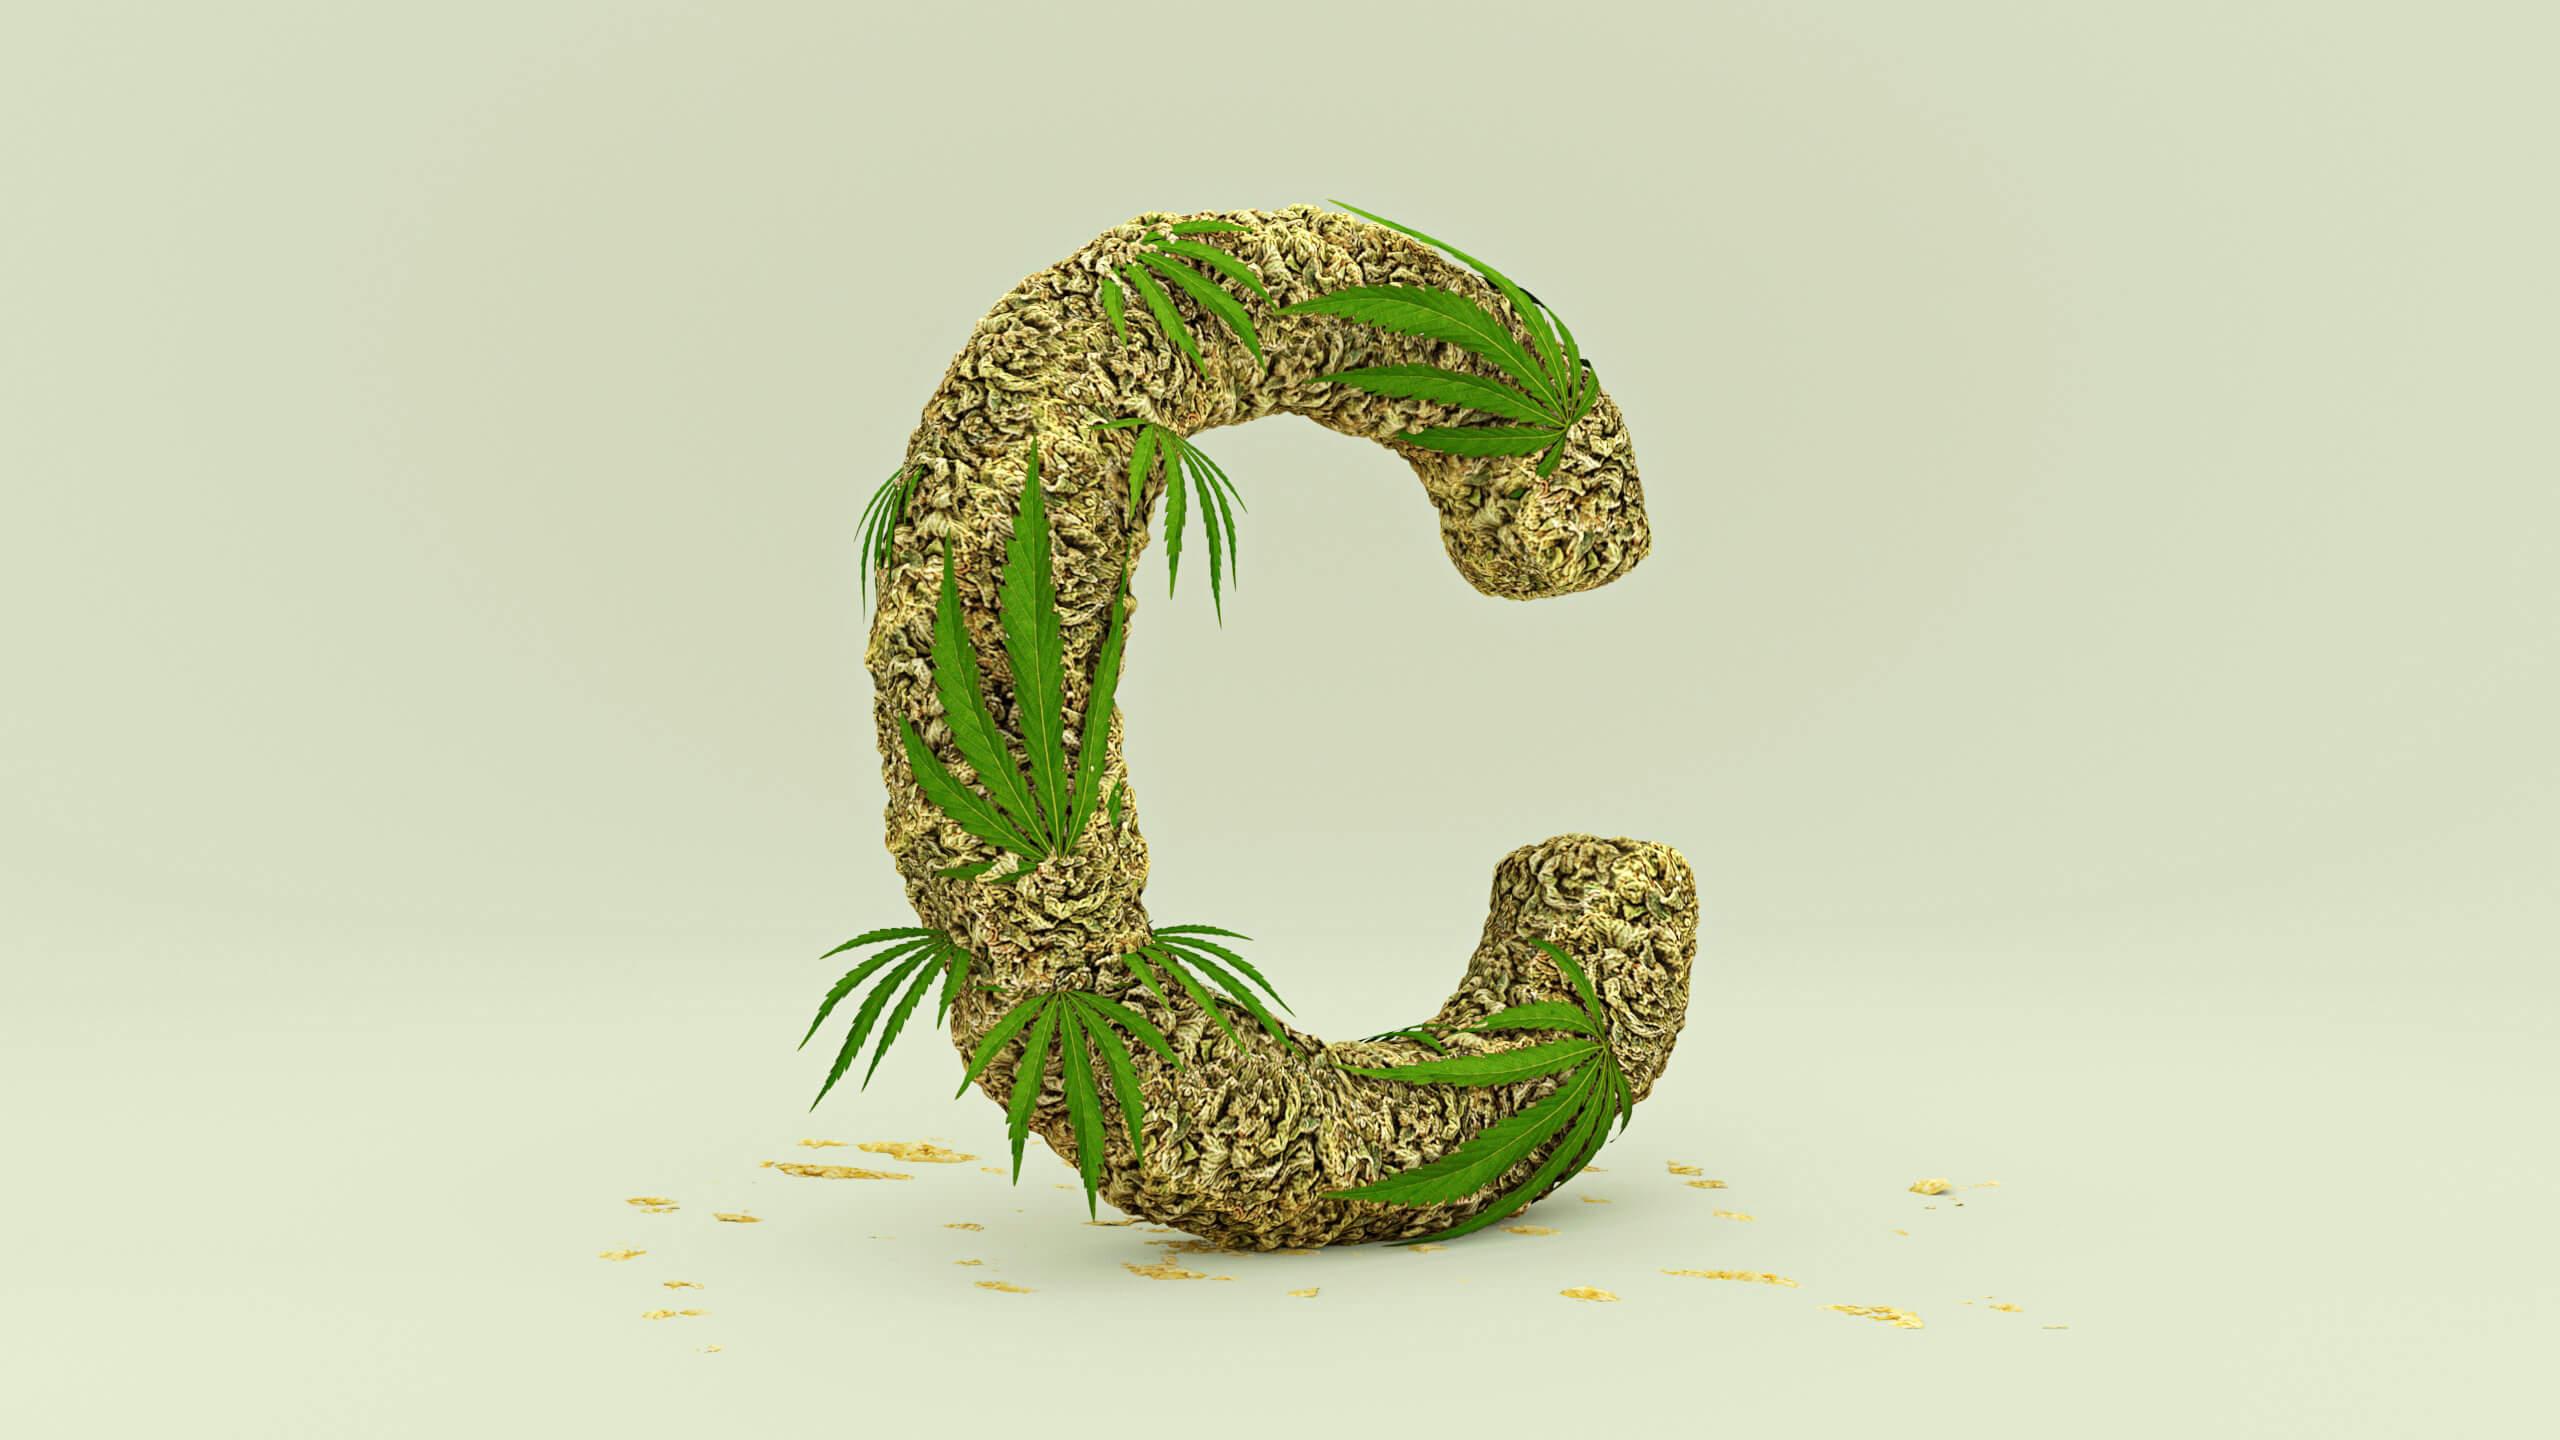 C-Cannabis_2560x1440_300